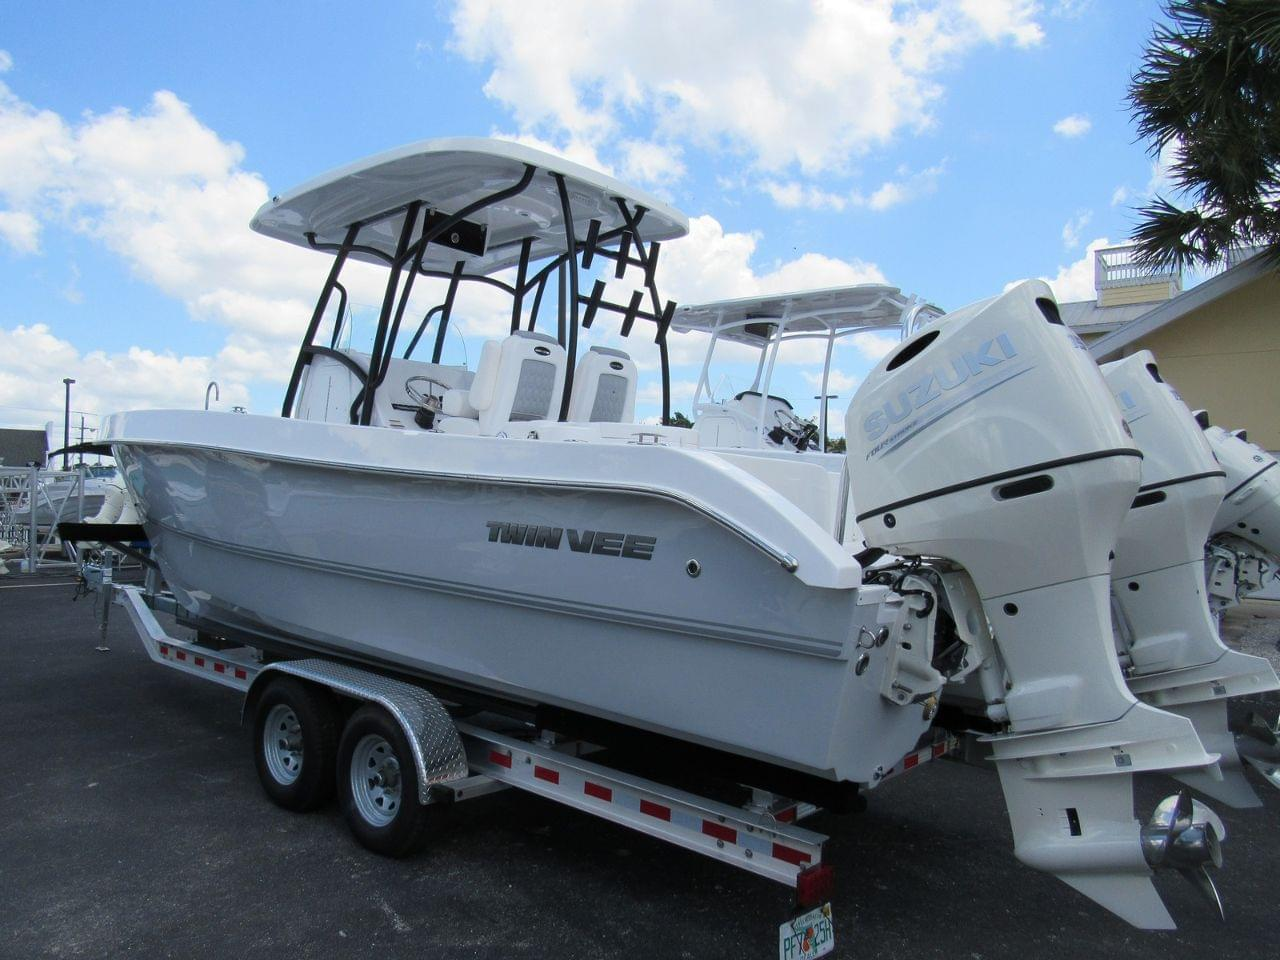 Twin Vee 260 SEL OceanCat